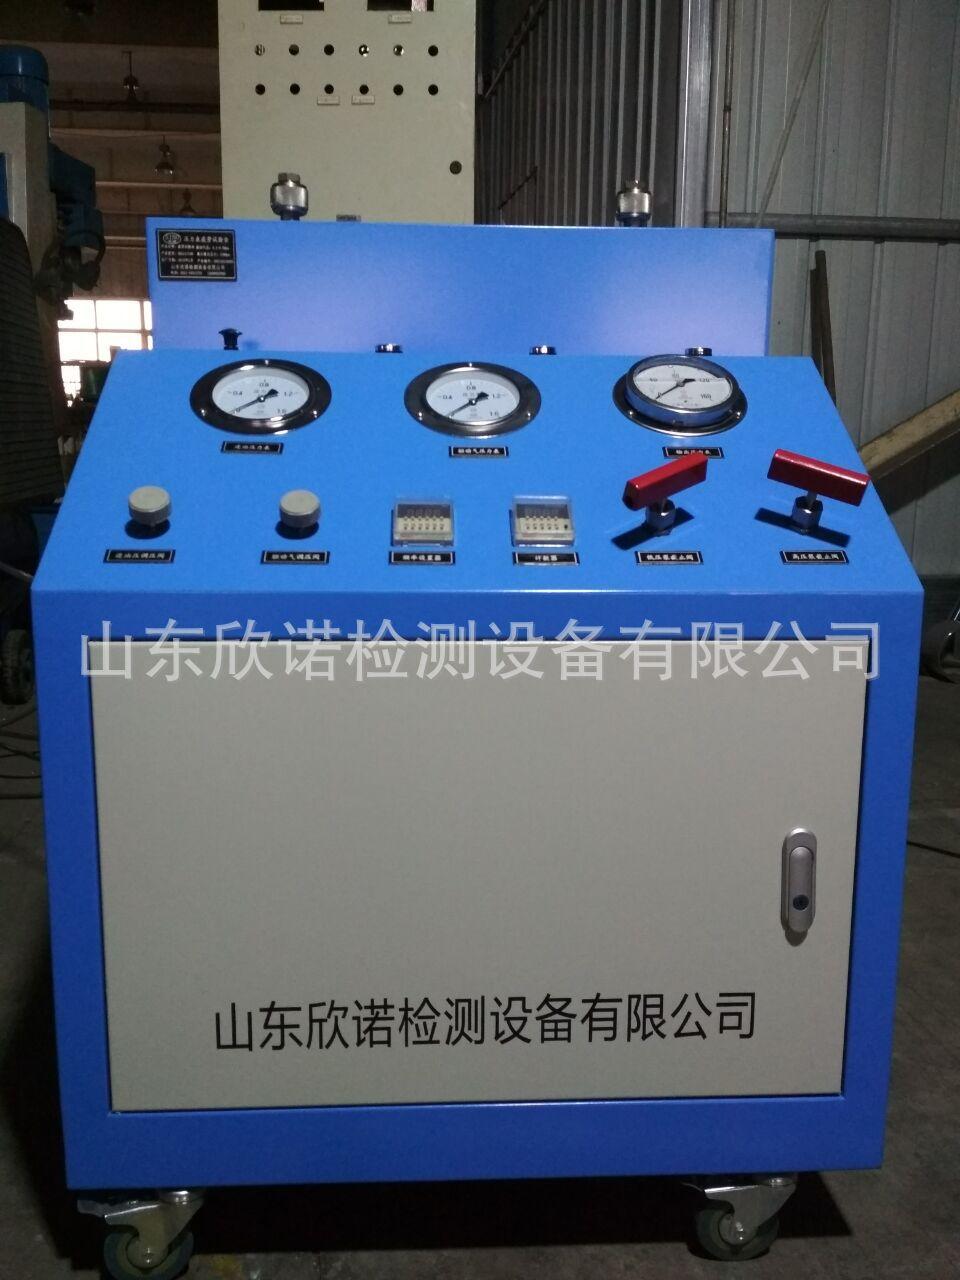 全封闭箱体美观大气 配置可选 易操作 空气驱动 压力表疲劳试验机示例图17